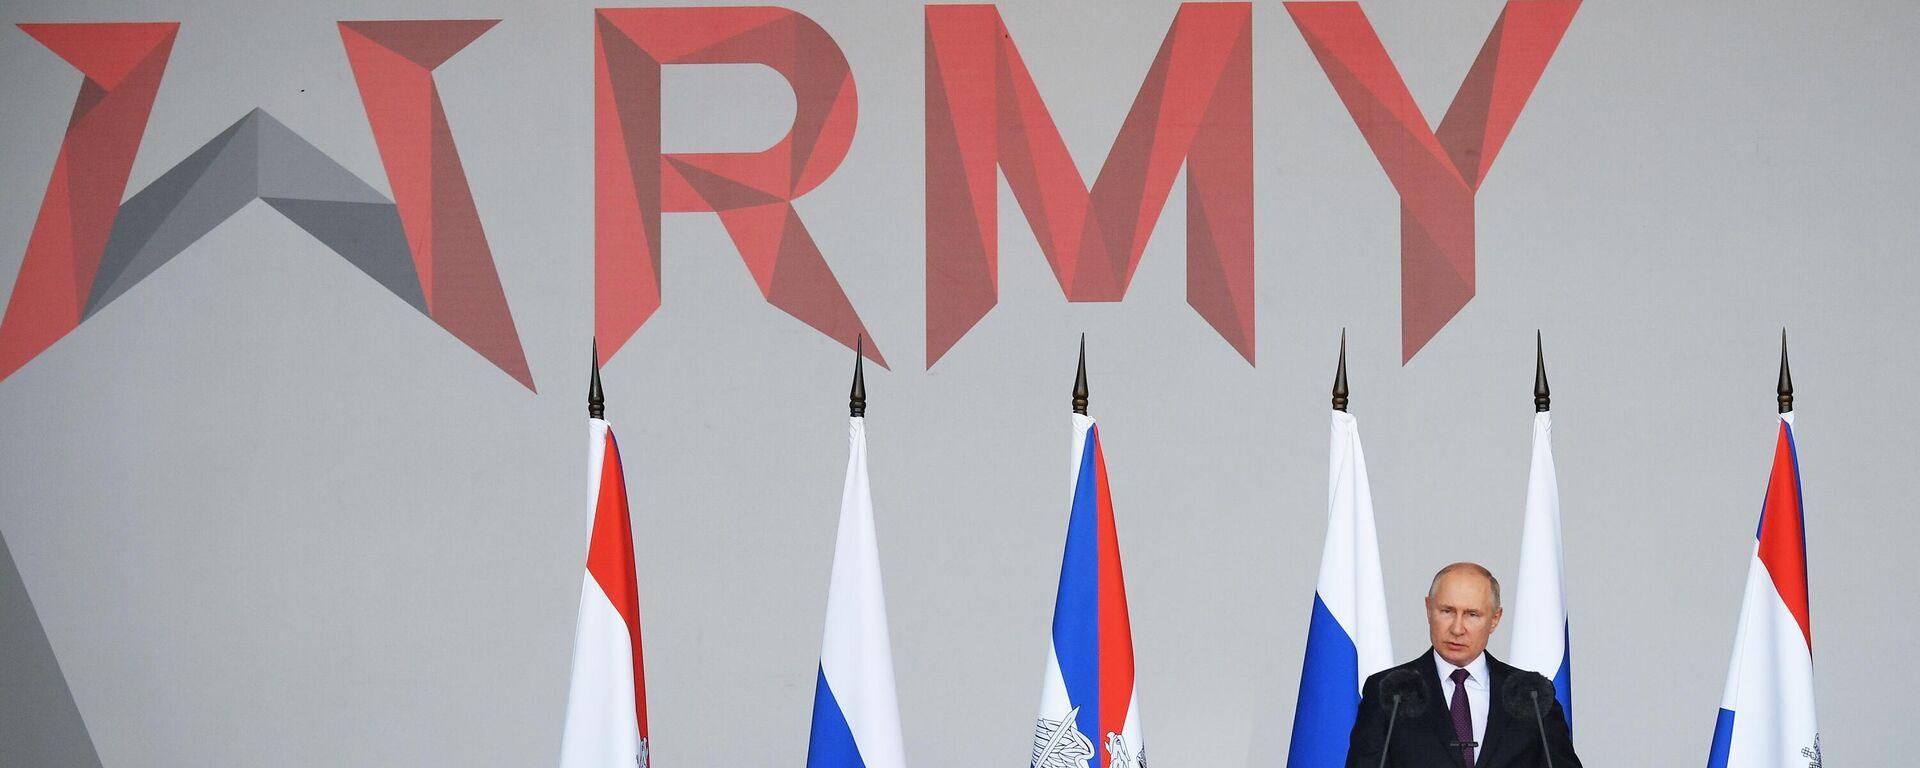 """Wladimir Putin bei der Eröffnung des Forums """"Army 2021"""" - SNA, 1920, 24.08.2021"""